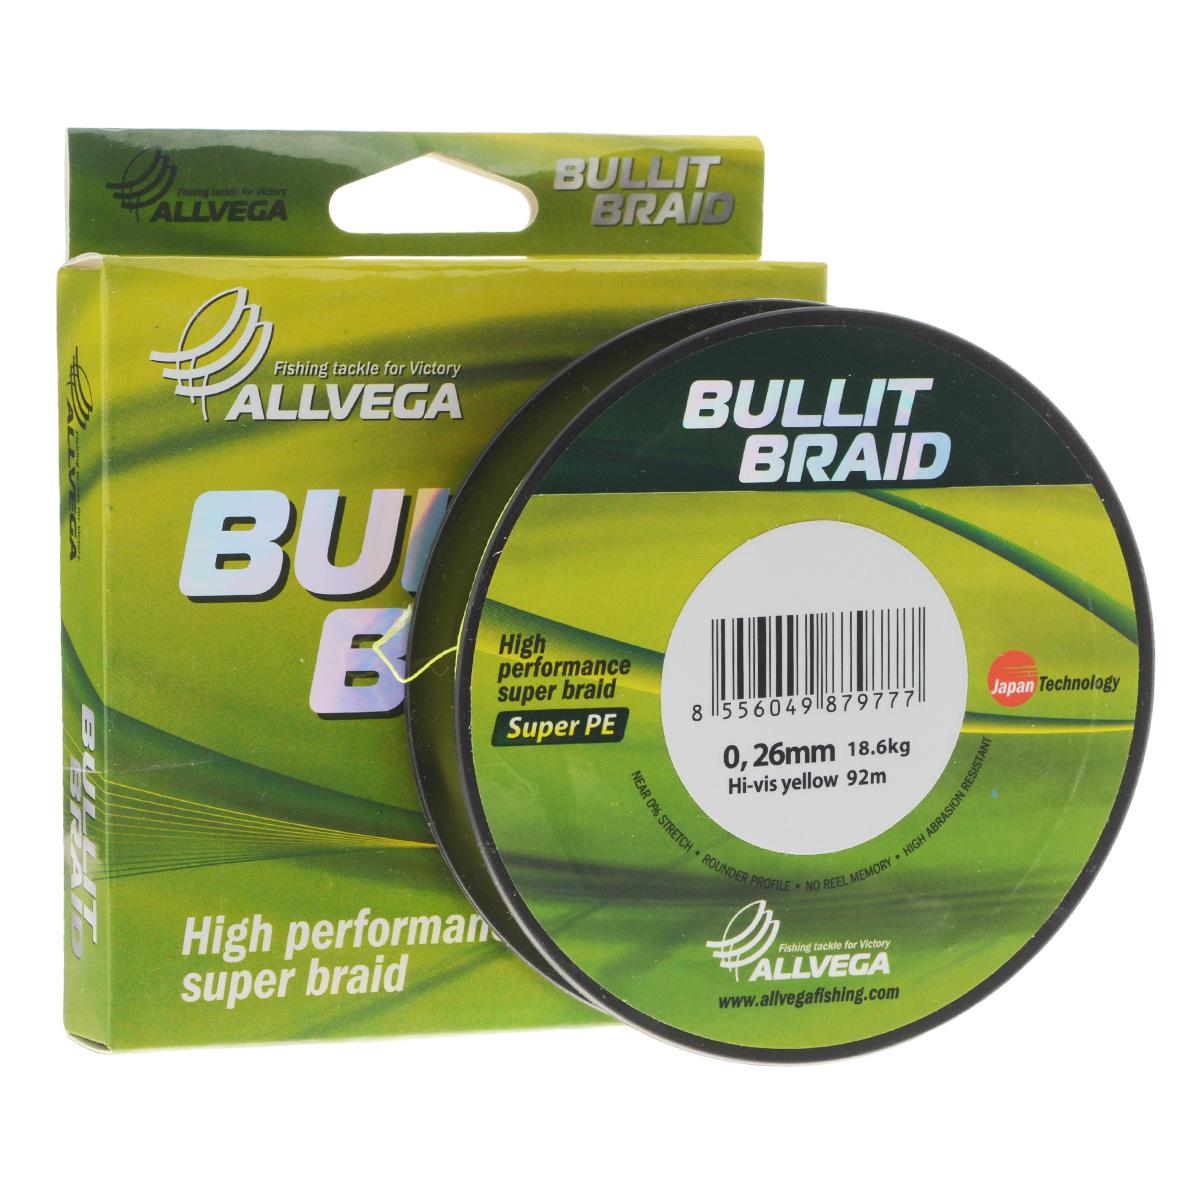 Леска плетеная Allvega Bullit Braid, цвет: ярко-желтый, 92 м, 0,26 мм, 18,6 кг21436Леска Allvega Bullit Braid с гладкой поверхностью и одинаковым сечением по всей длине обладает высокой износостойкостью. Благодаря микроволокнам полиэтилена (Super PE) леска имеет очень плотное плетение и не впитывает воду. Леску Allvega Bullit Braid можно применять в любых типах водоемов. Особенности: повышенная износостойкость; высокая чувствительность - коэффициент растяжения близок к нулю; отсутствует память; идеально гладкая поверхность позволяет увеличить дальность забросов; высокая прочность шнура на узлах.